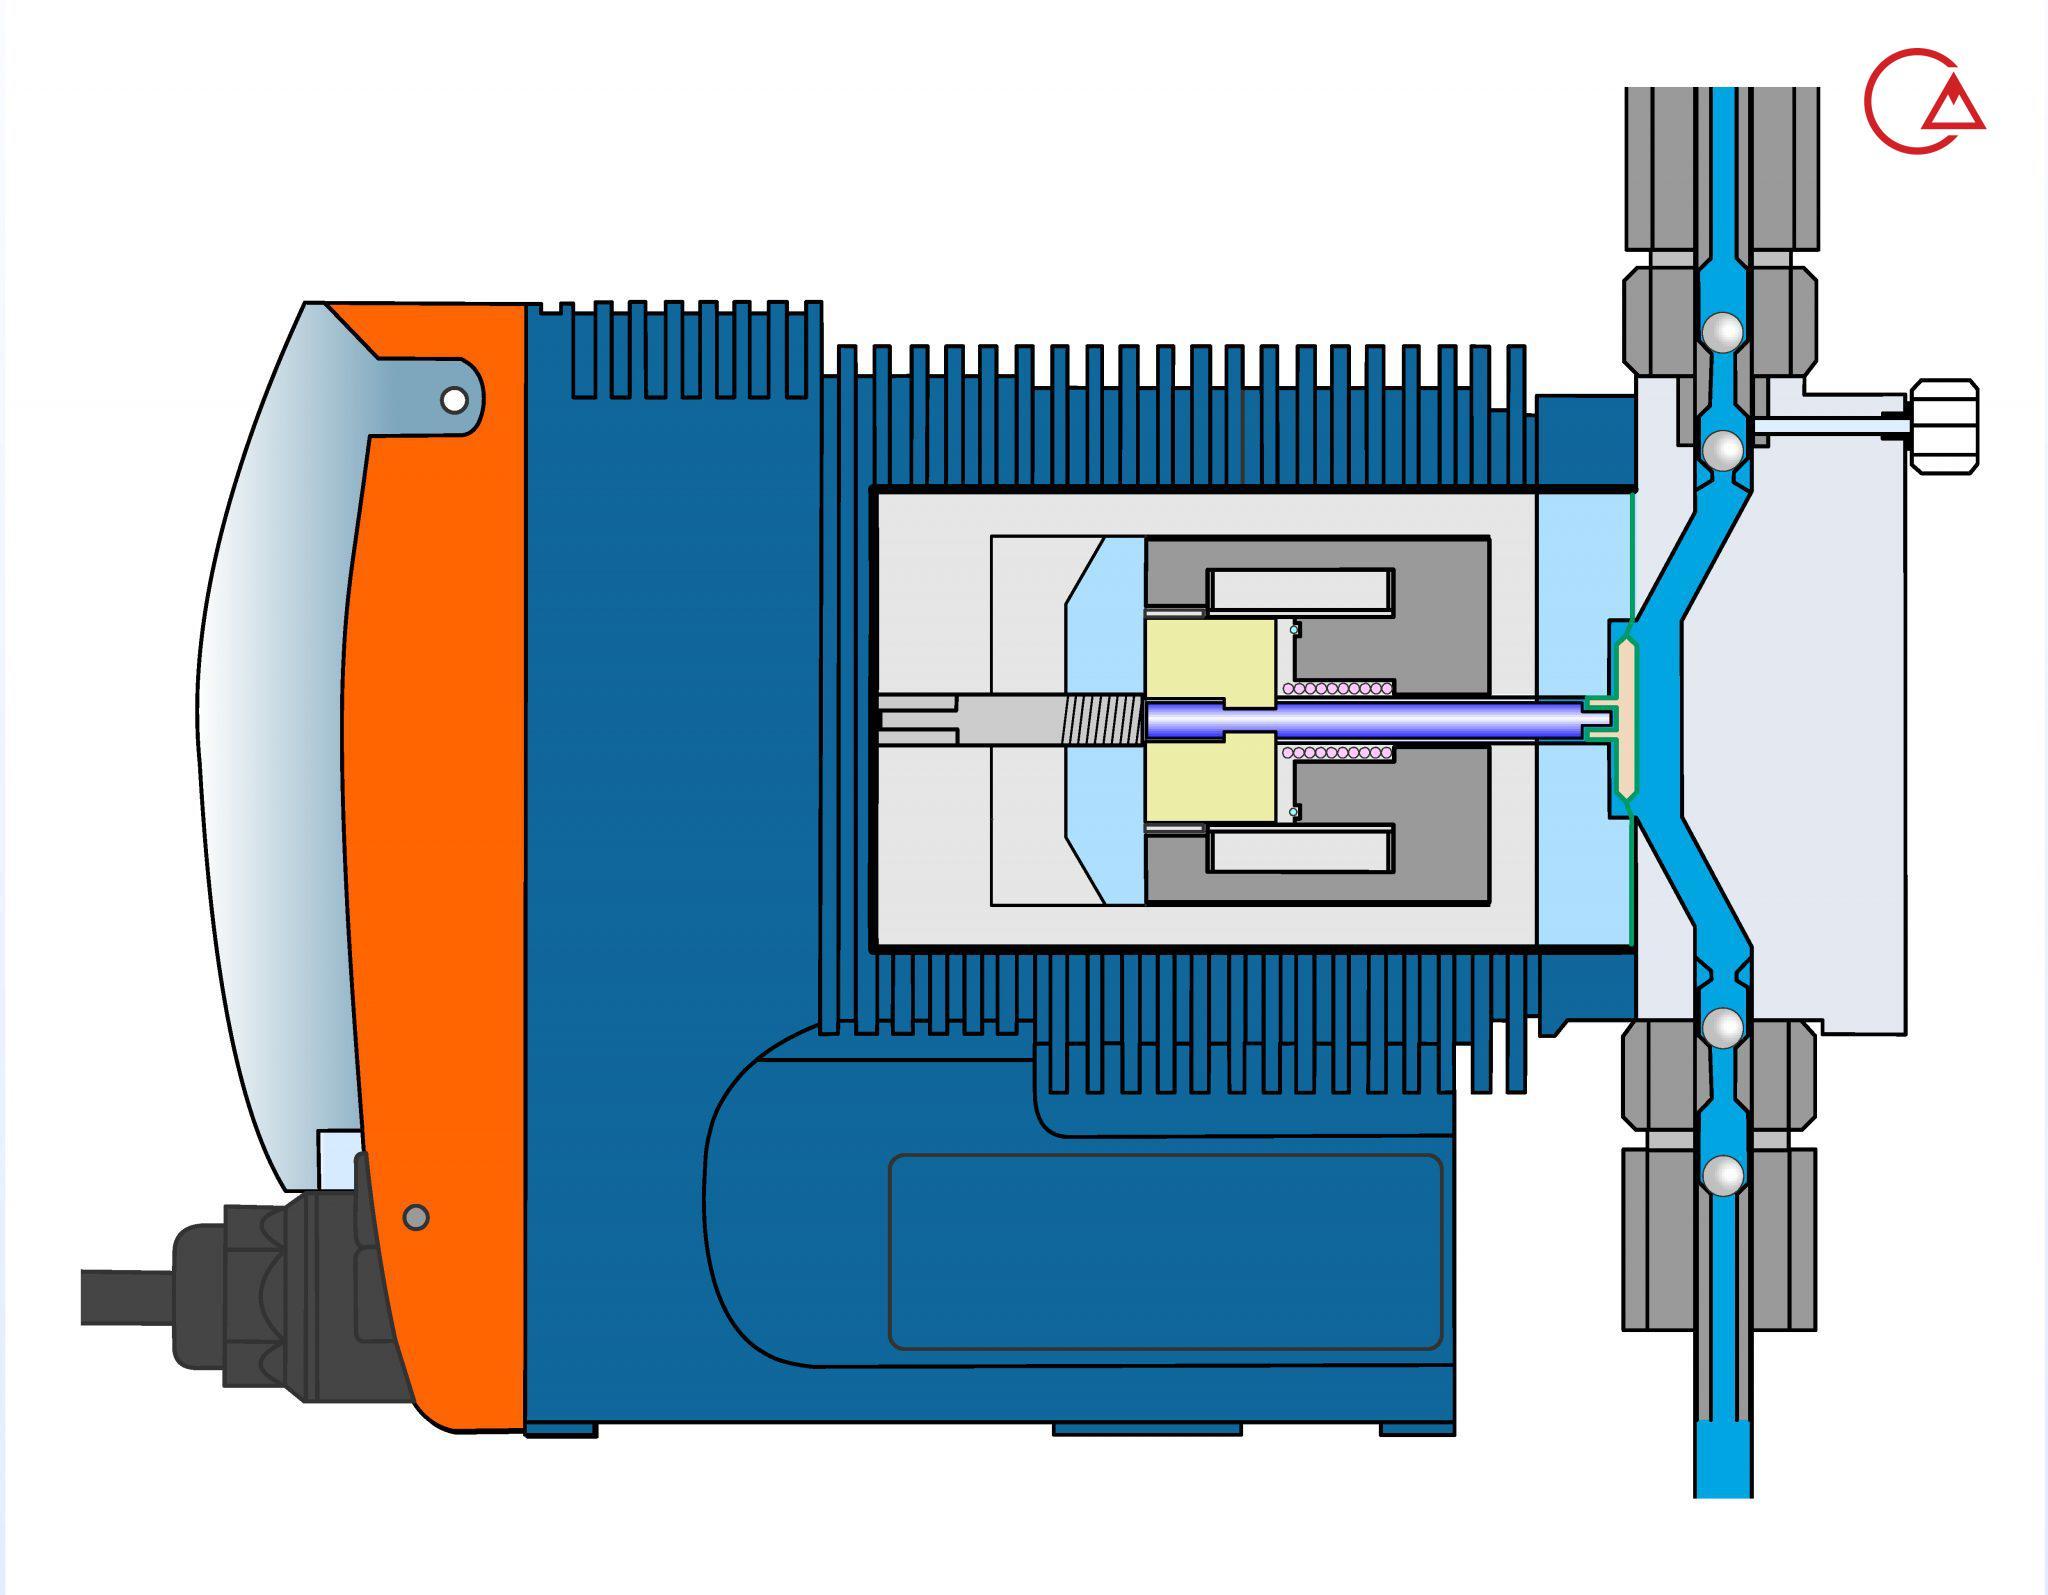 شماتیک دوزینگ پمپ دیافراگمی گاما پرومیننت ساخت کشور آلمان